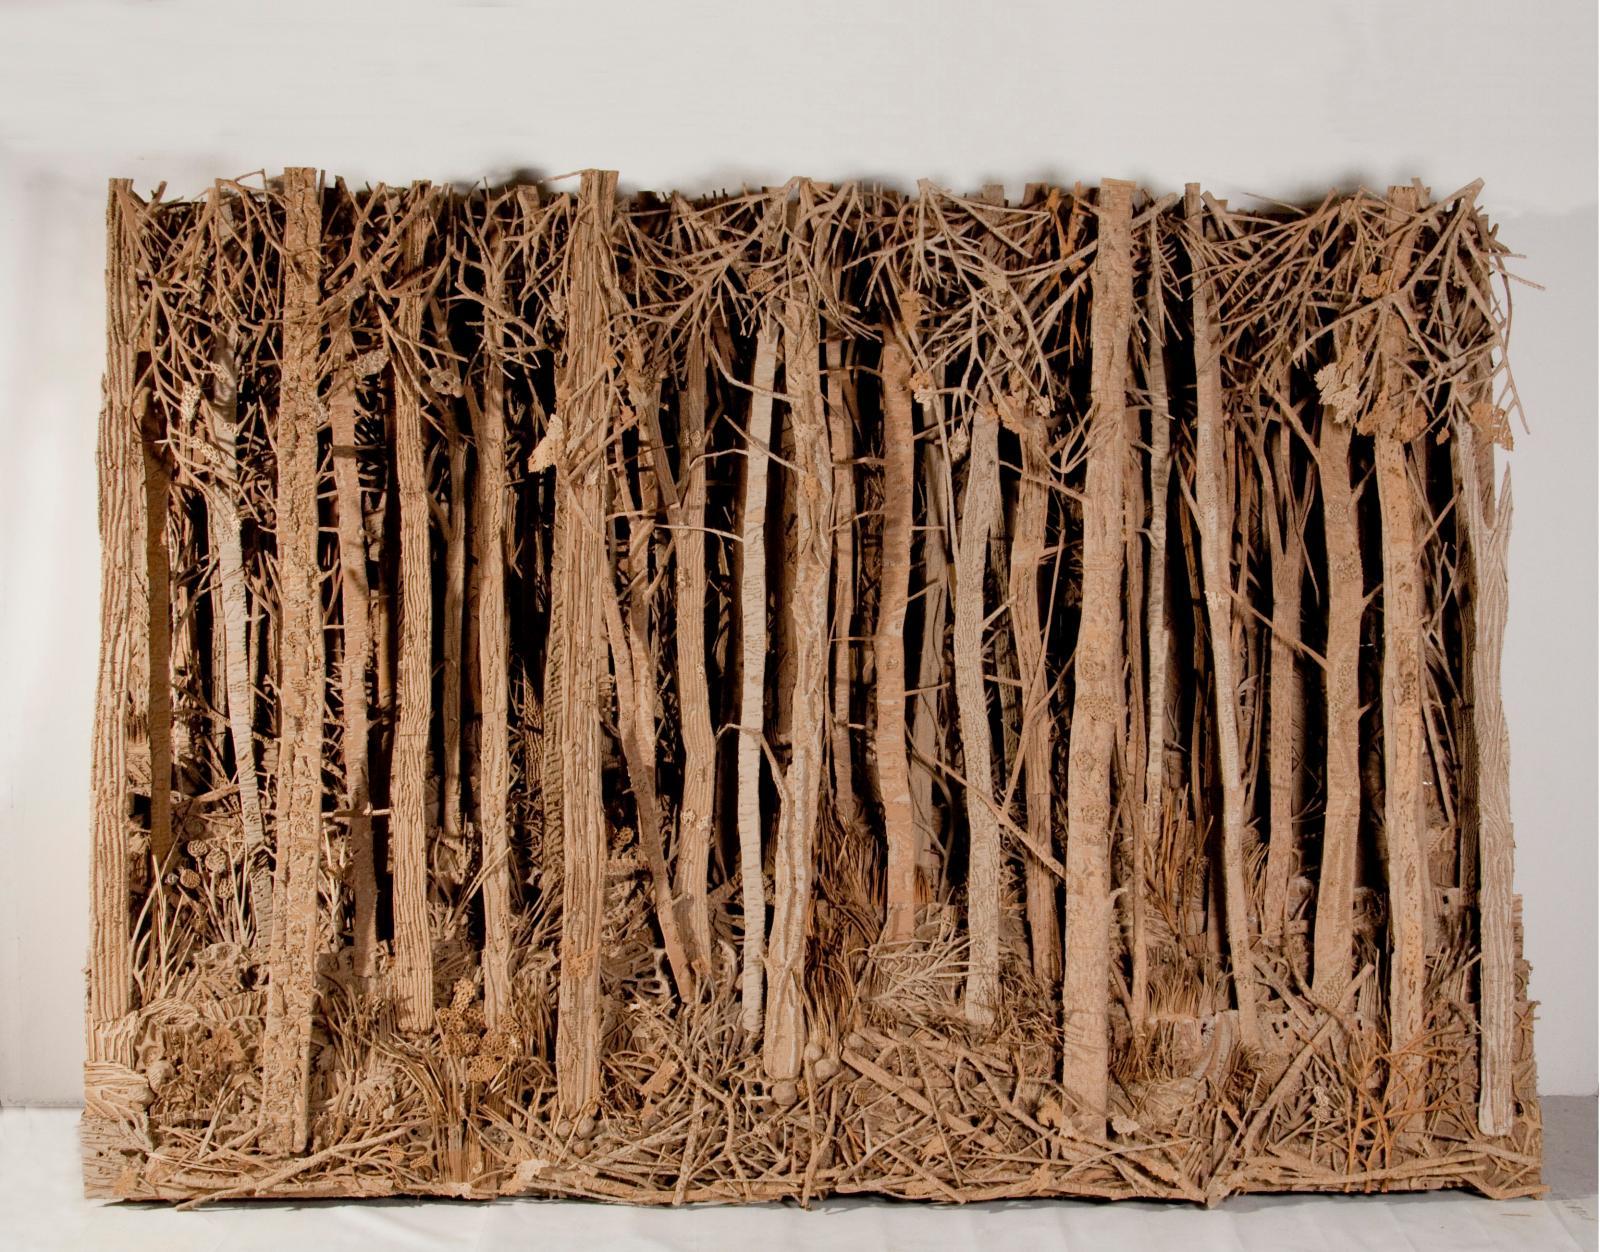 Eva Jospin, Sans titre (la forêt), 2011, carton, bois et colle. © Eva Jospin courtesy Noirmontartproduction